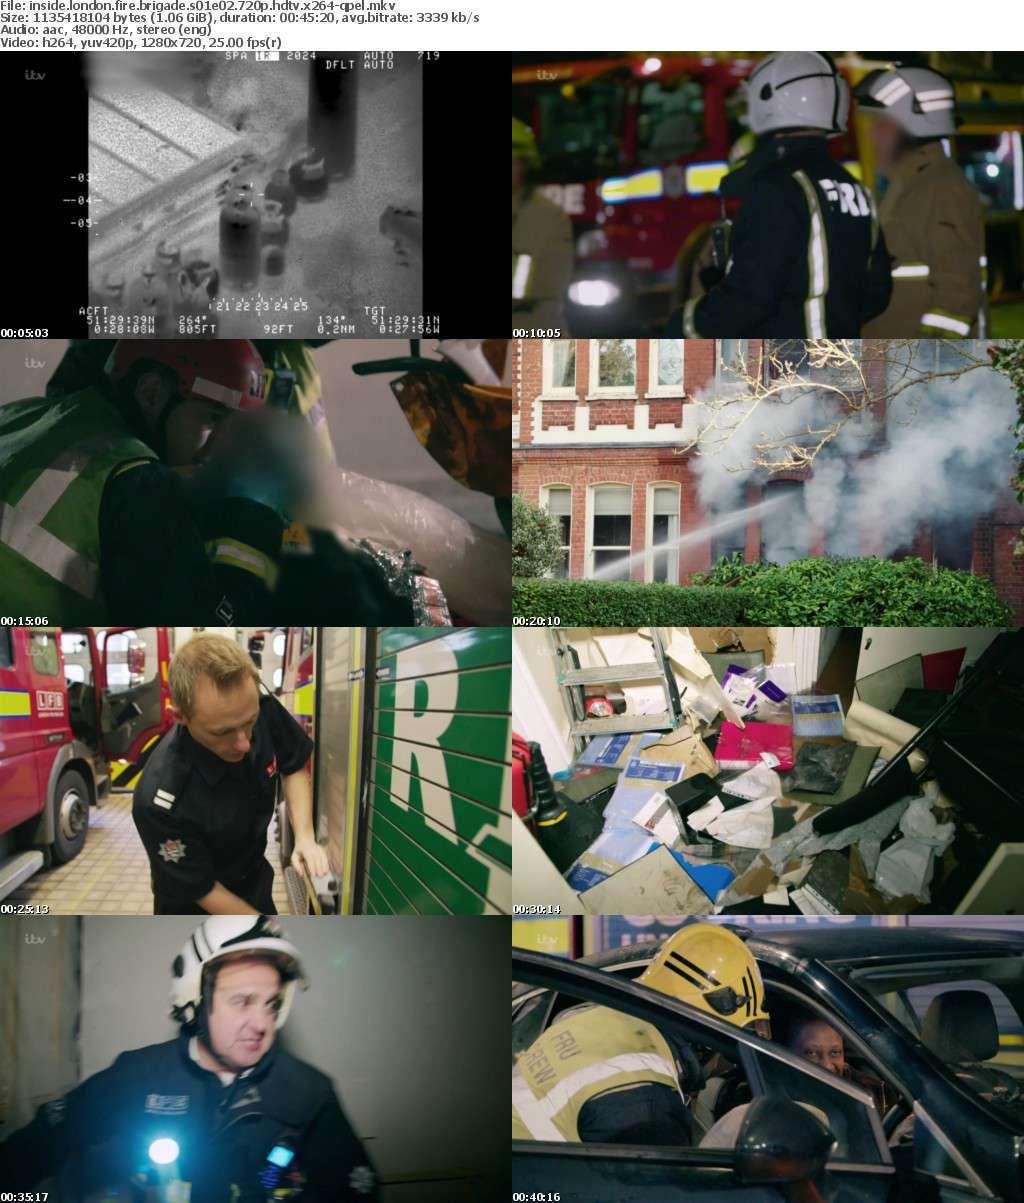 Inside London Fire Brigade S01E02 720p HDTV x264-QPEL